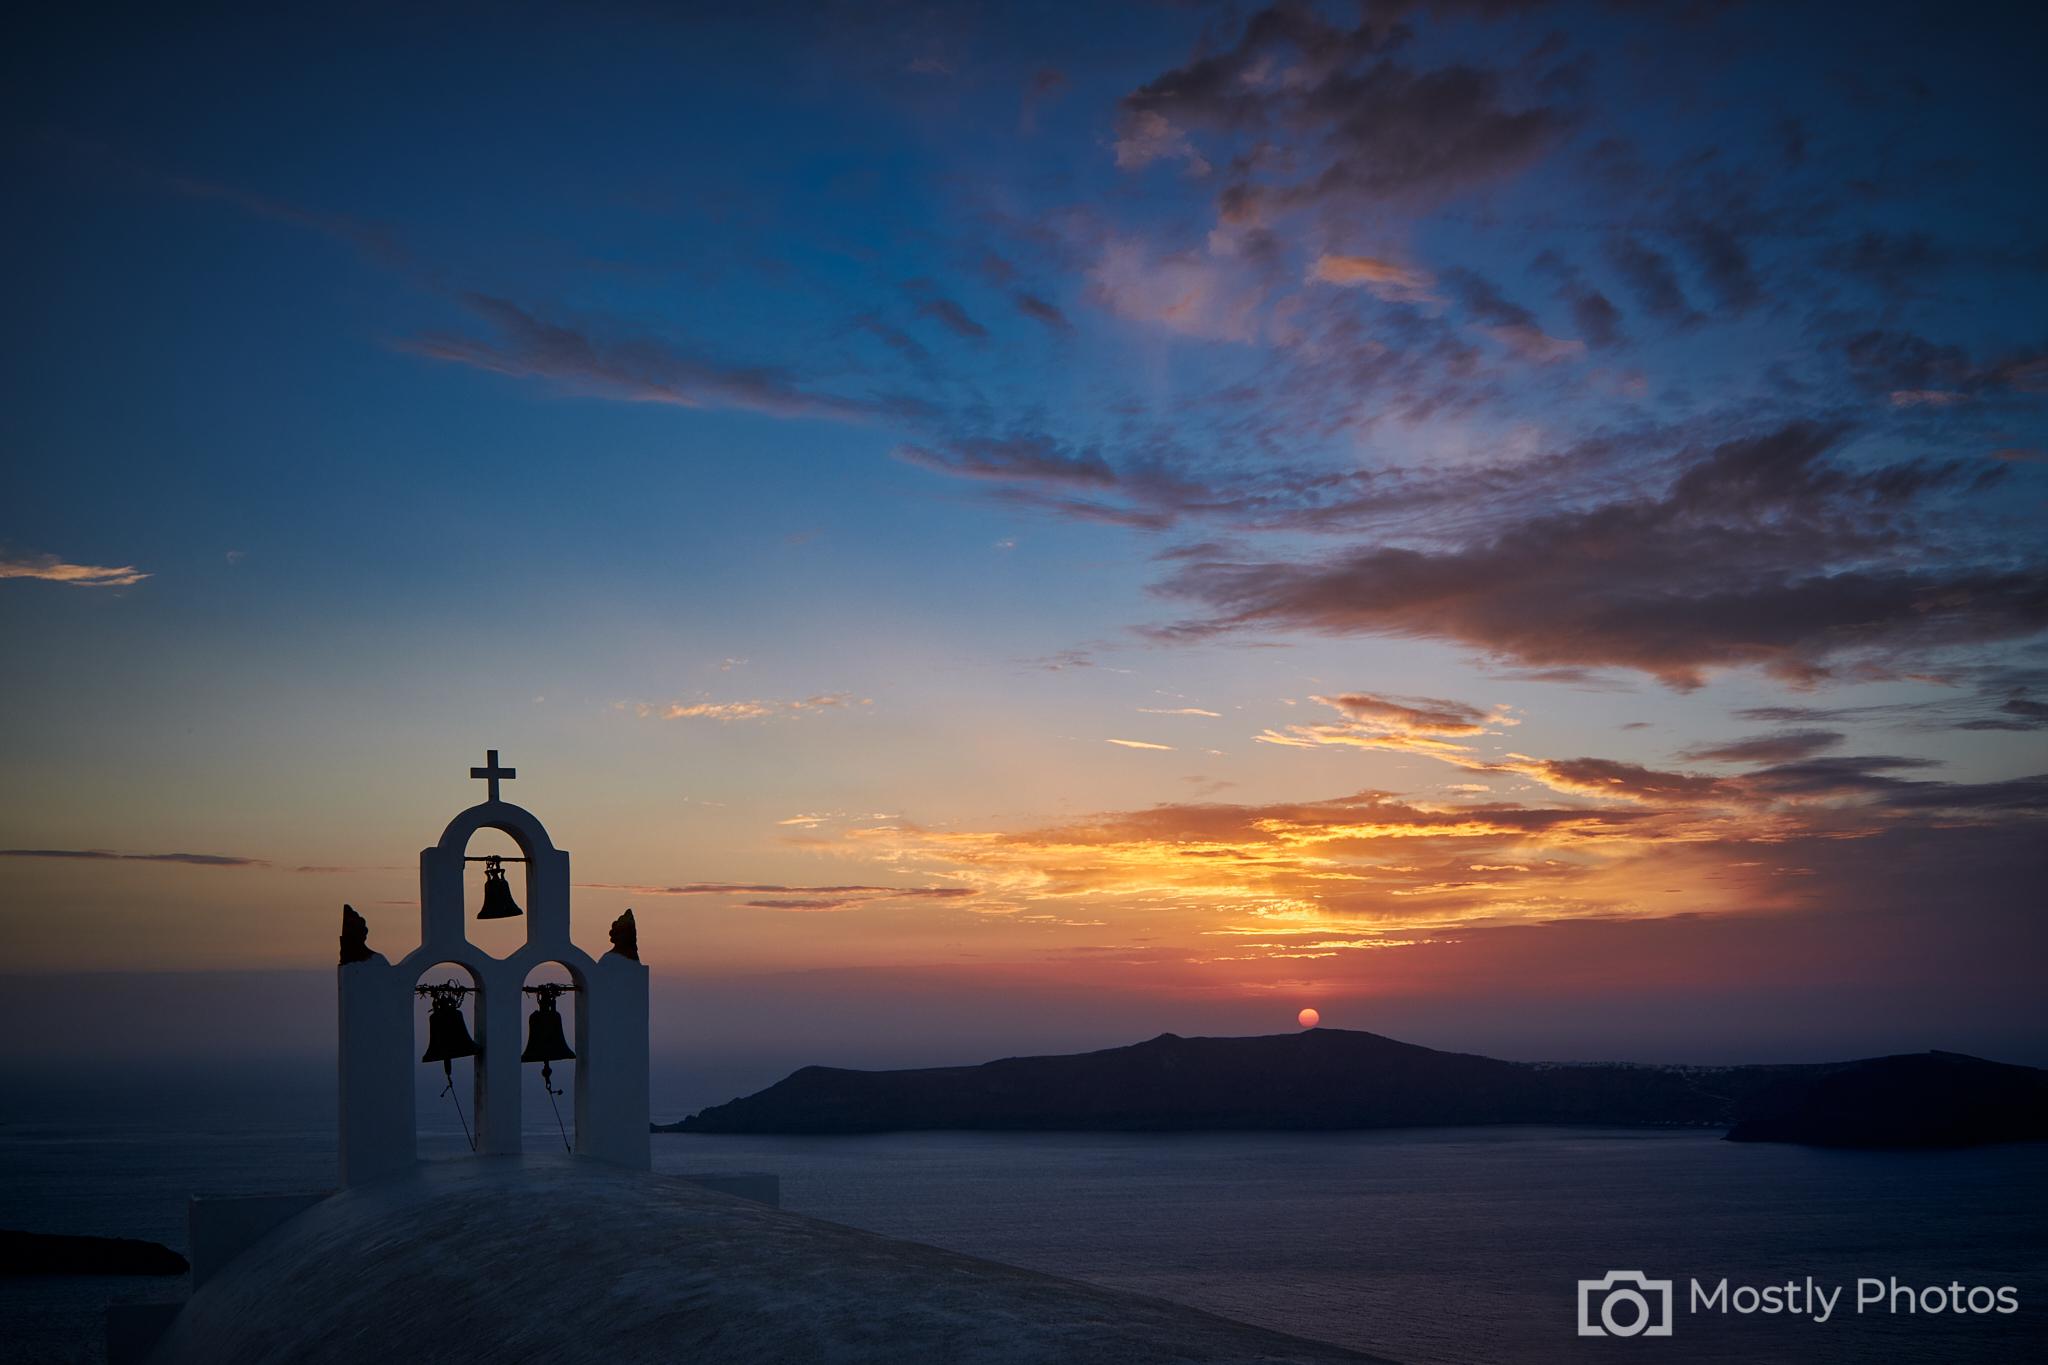 Three Bells Sunset Fuji X-T3 -Santorini, Greece